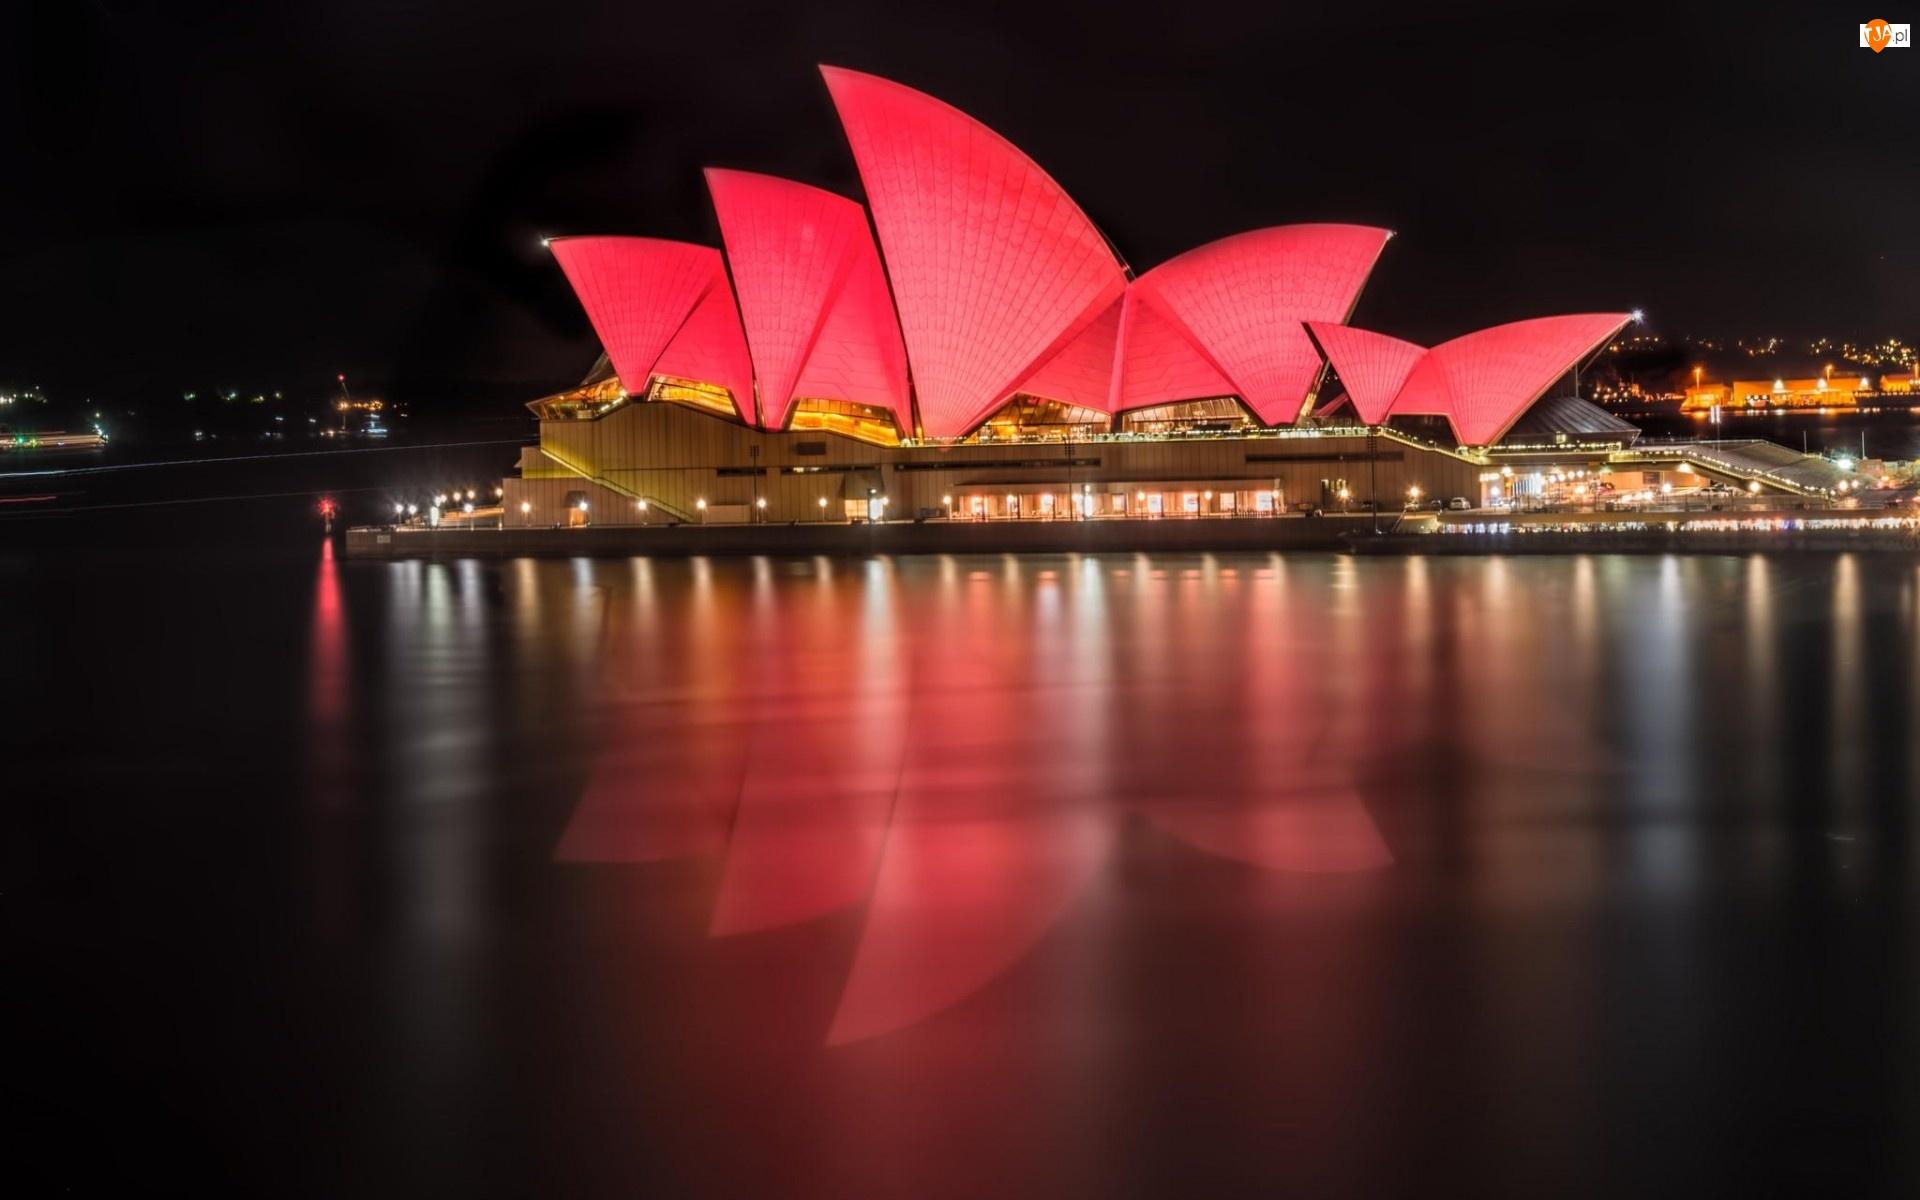 Noc, Opera, Sydney, W, Światła